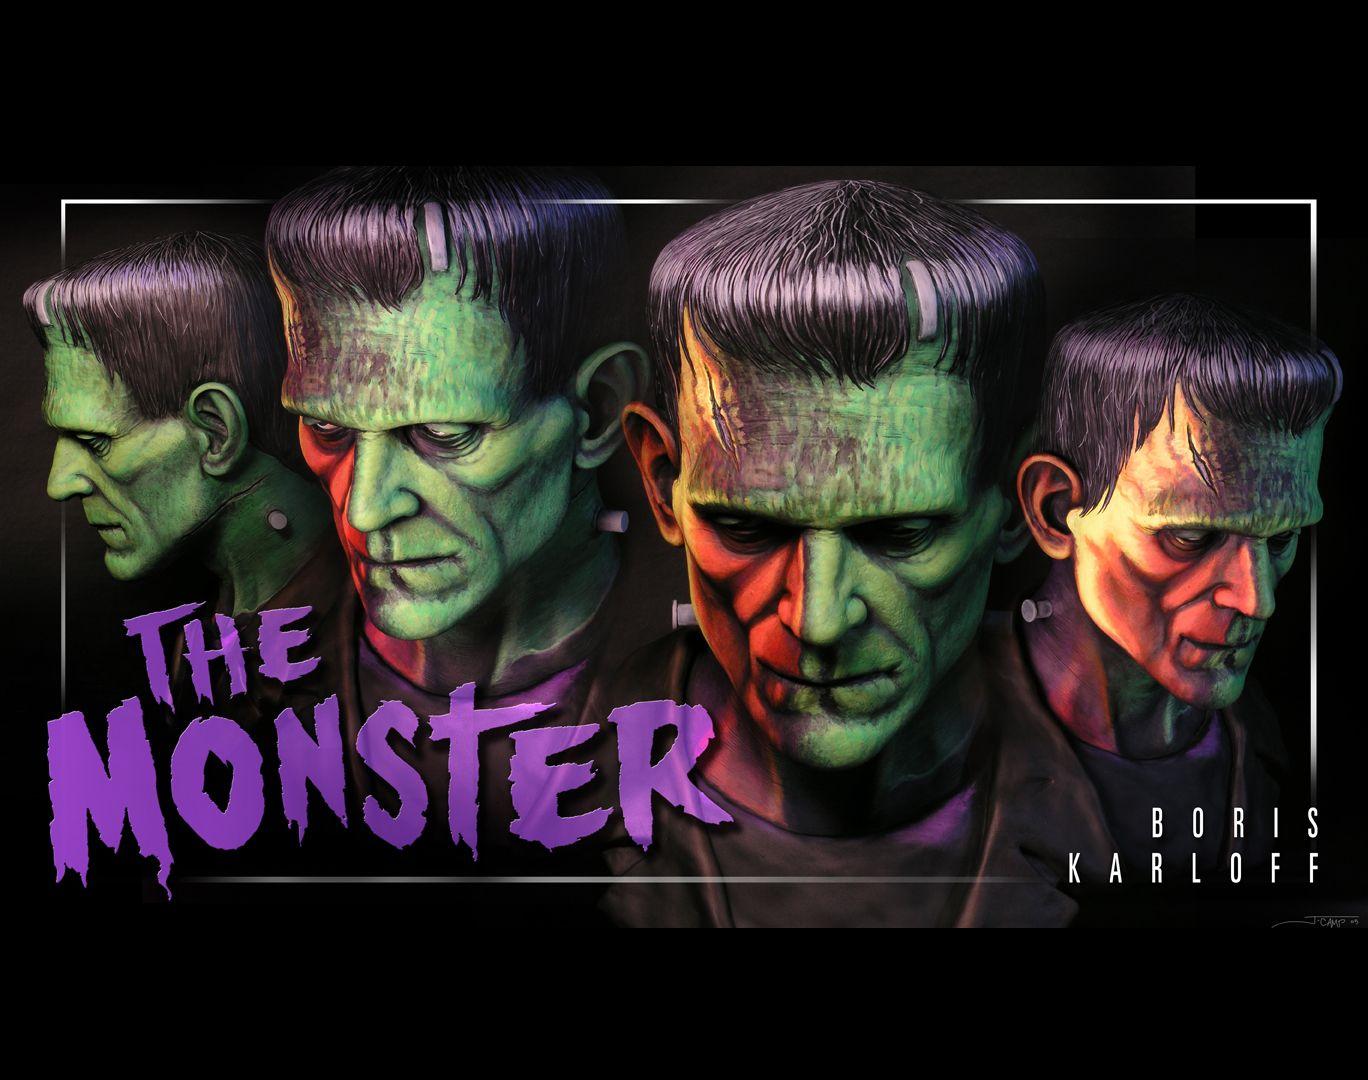 Holiday Halloween Frankenstein Monster Creature Horror Wallpaper Fe Halloween Desktop Wallpaper Halloween Wallpaper Halloween Wallpaper Backgrounds